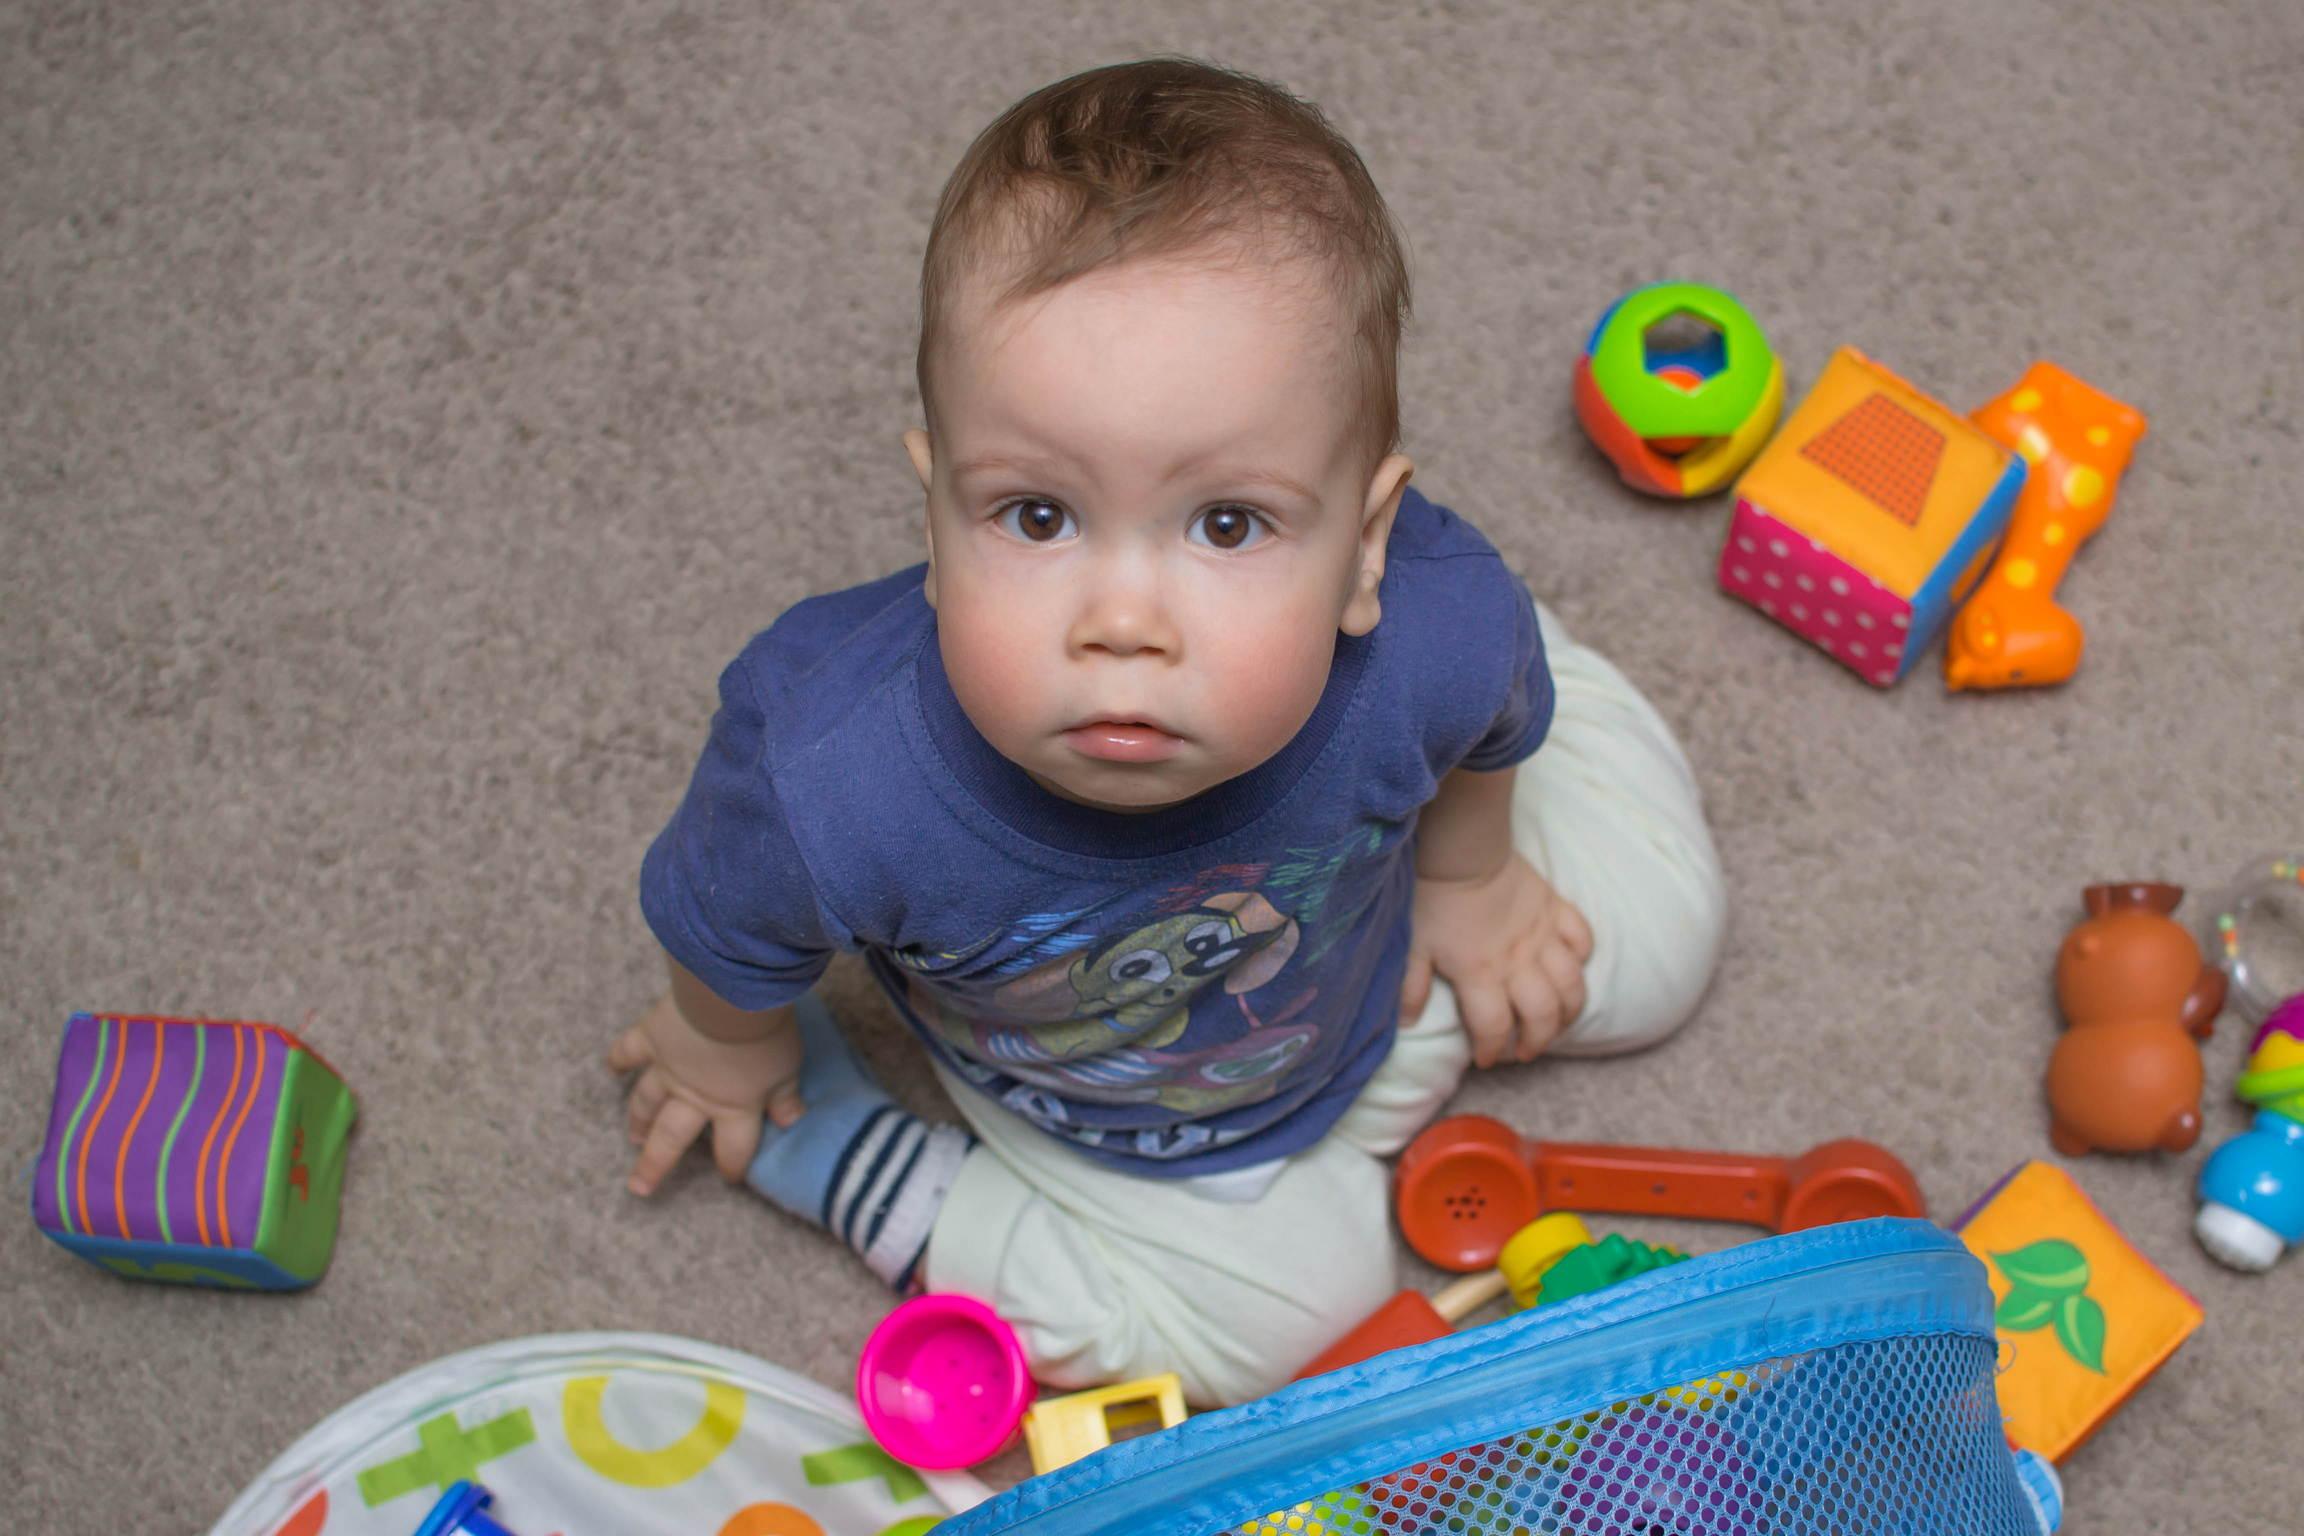 В детской комнате нужно регулярно убирать